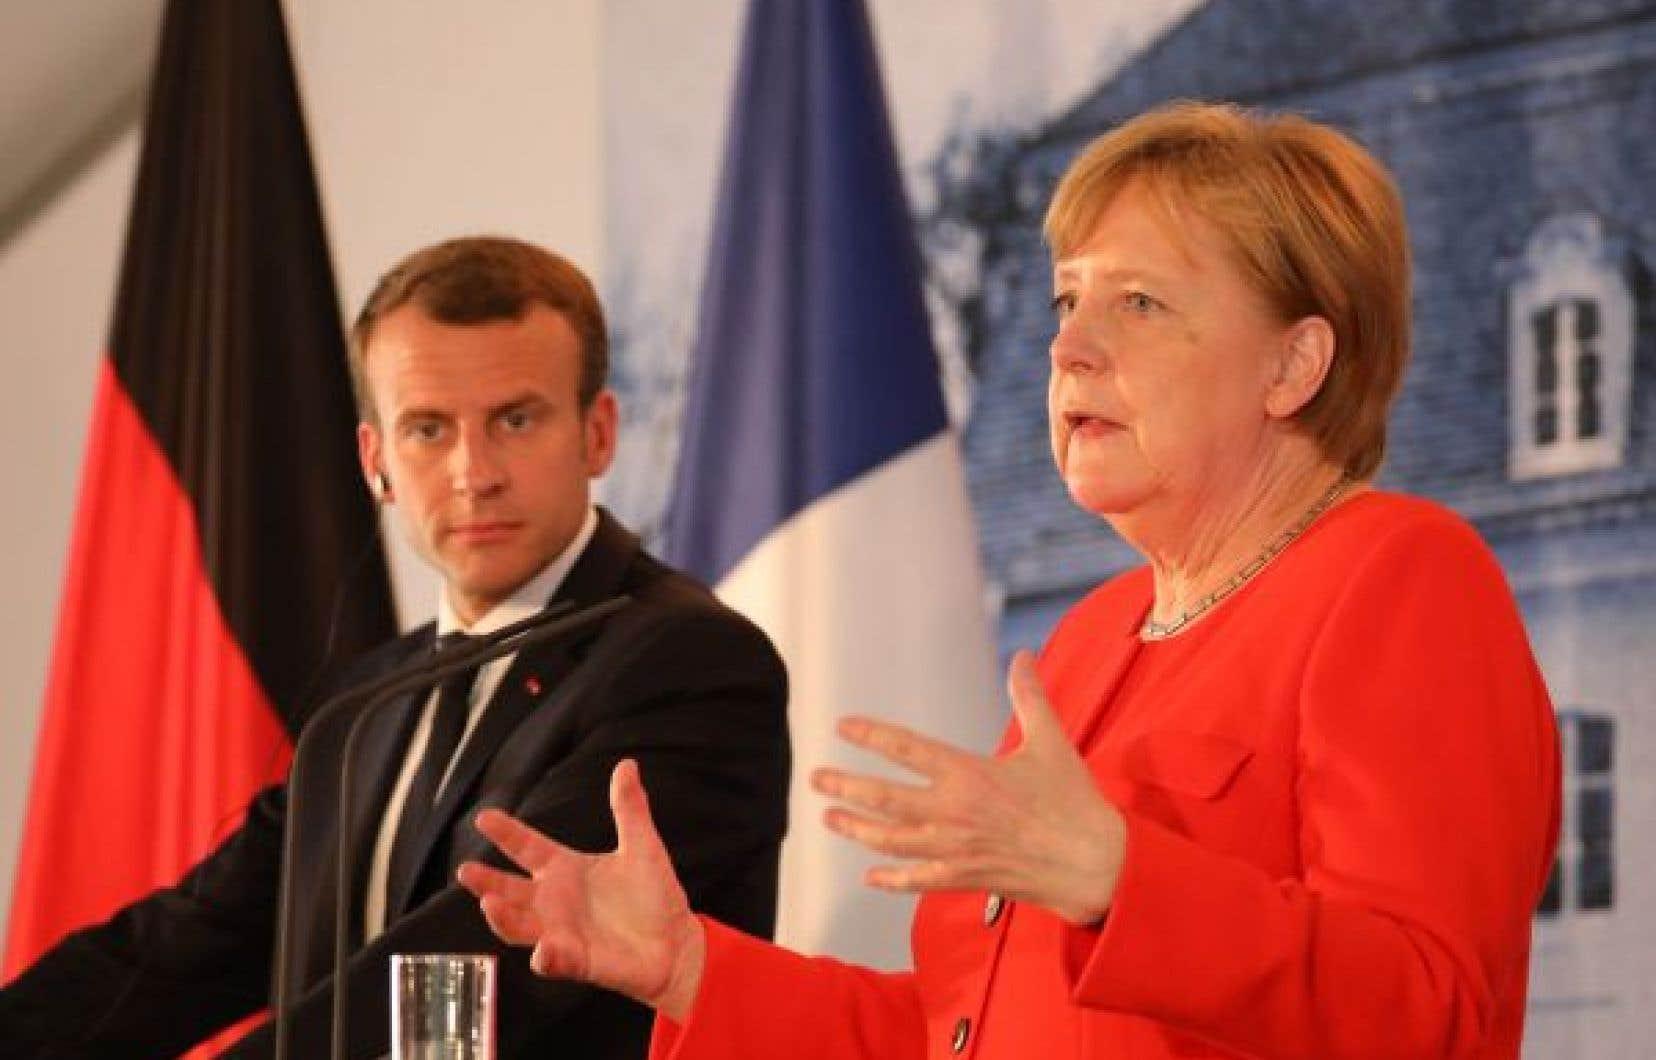 Emmanuel Macron et Angela Merkel ont annoncé mardi travailler à un accord visant à refouler tout demandeur d'asile en Europe vers l'État où il a été enregistré en premier.